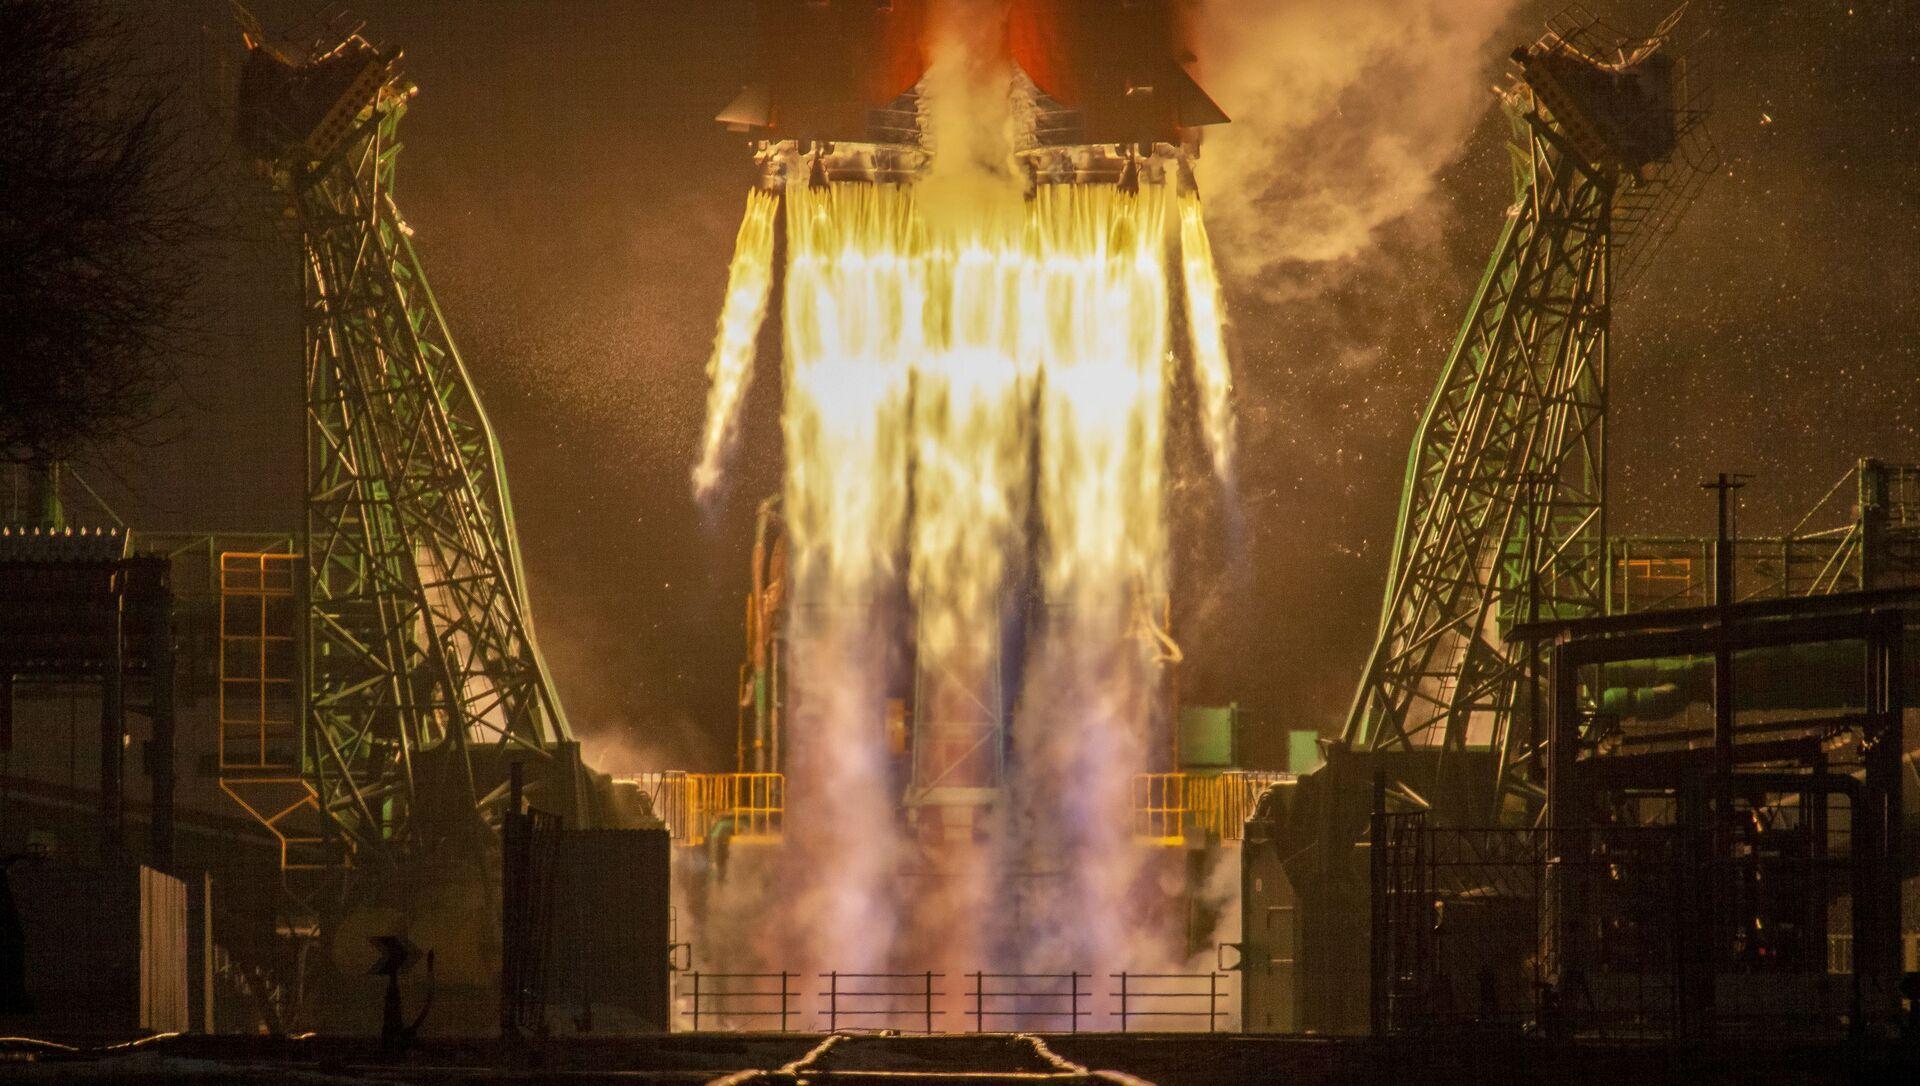 Z Bajkonuru odstartovala raketa Sojuz s 38 družicemi - Sputnik Česká republika, 1920, 22.03.2021